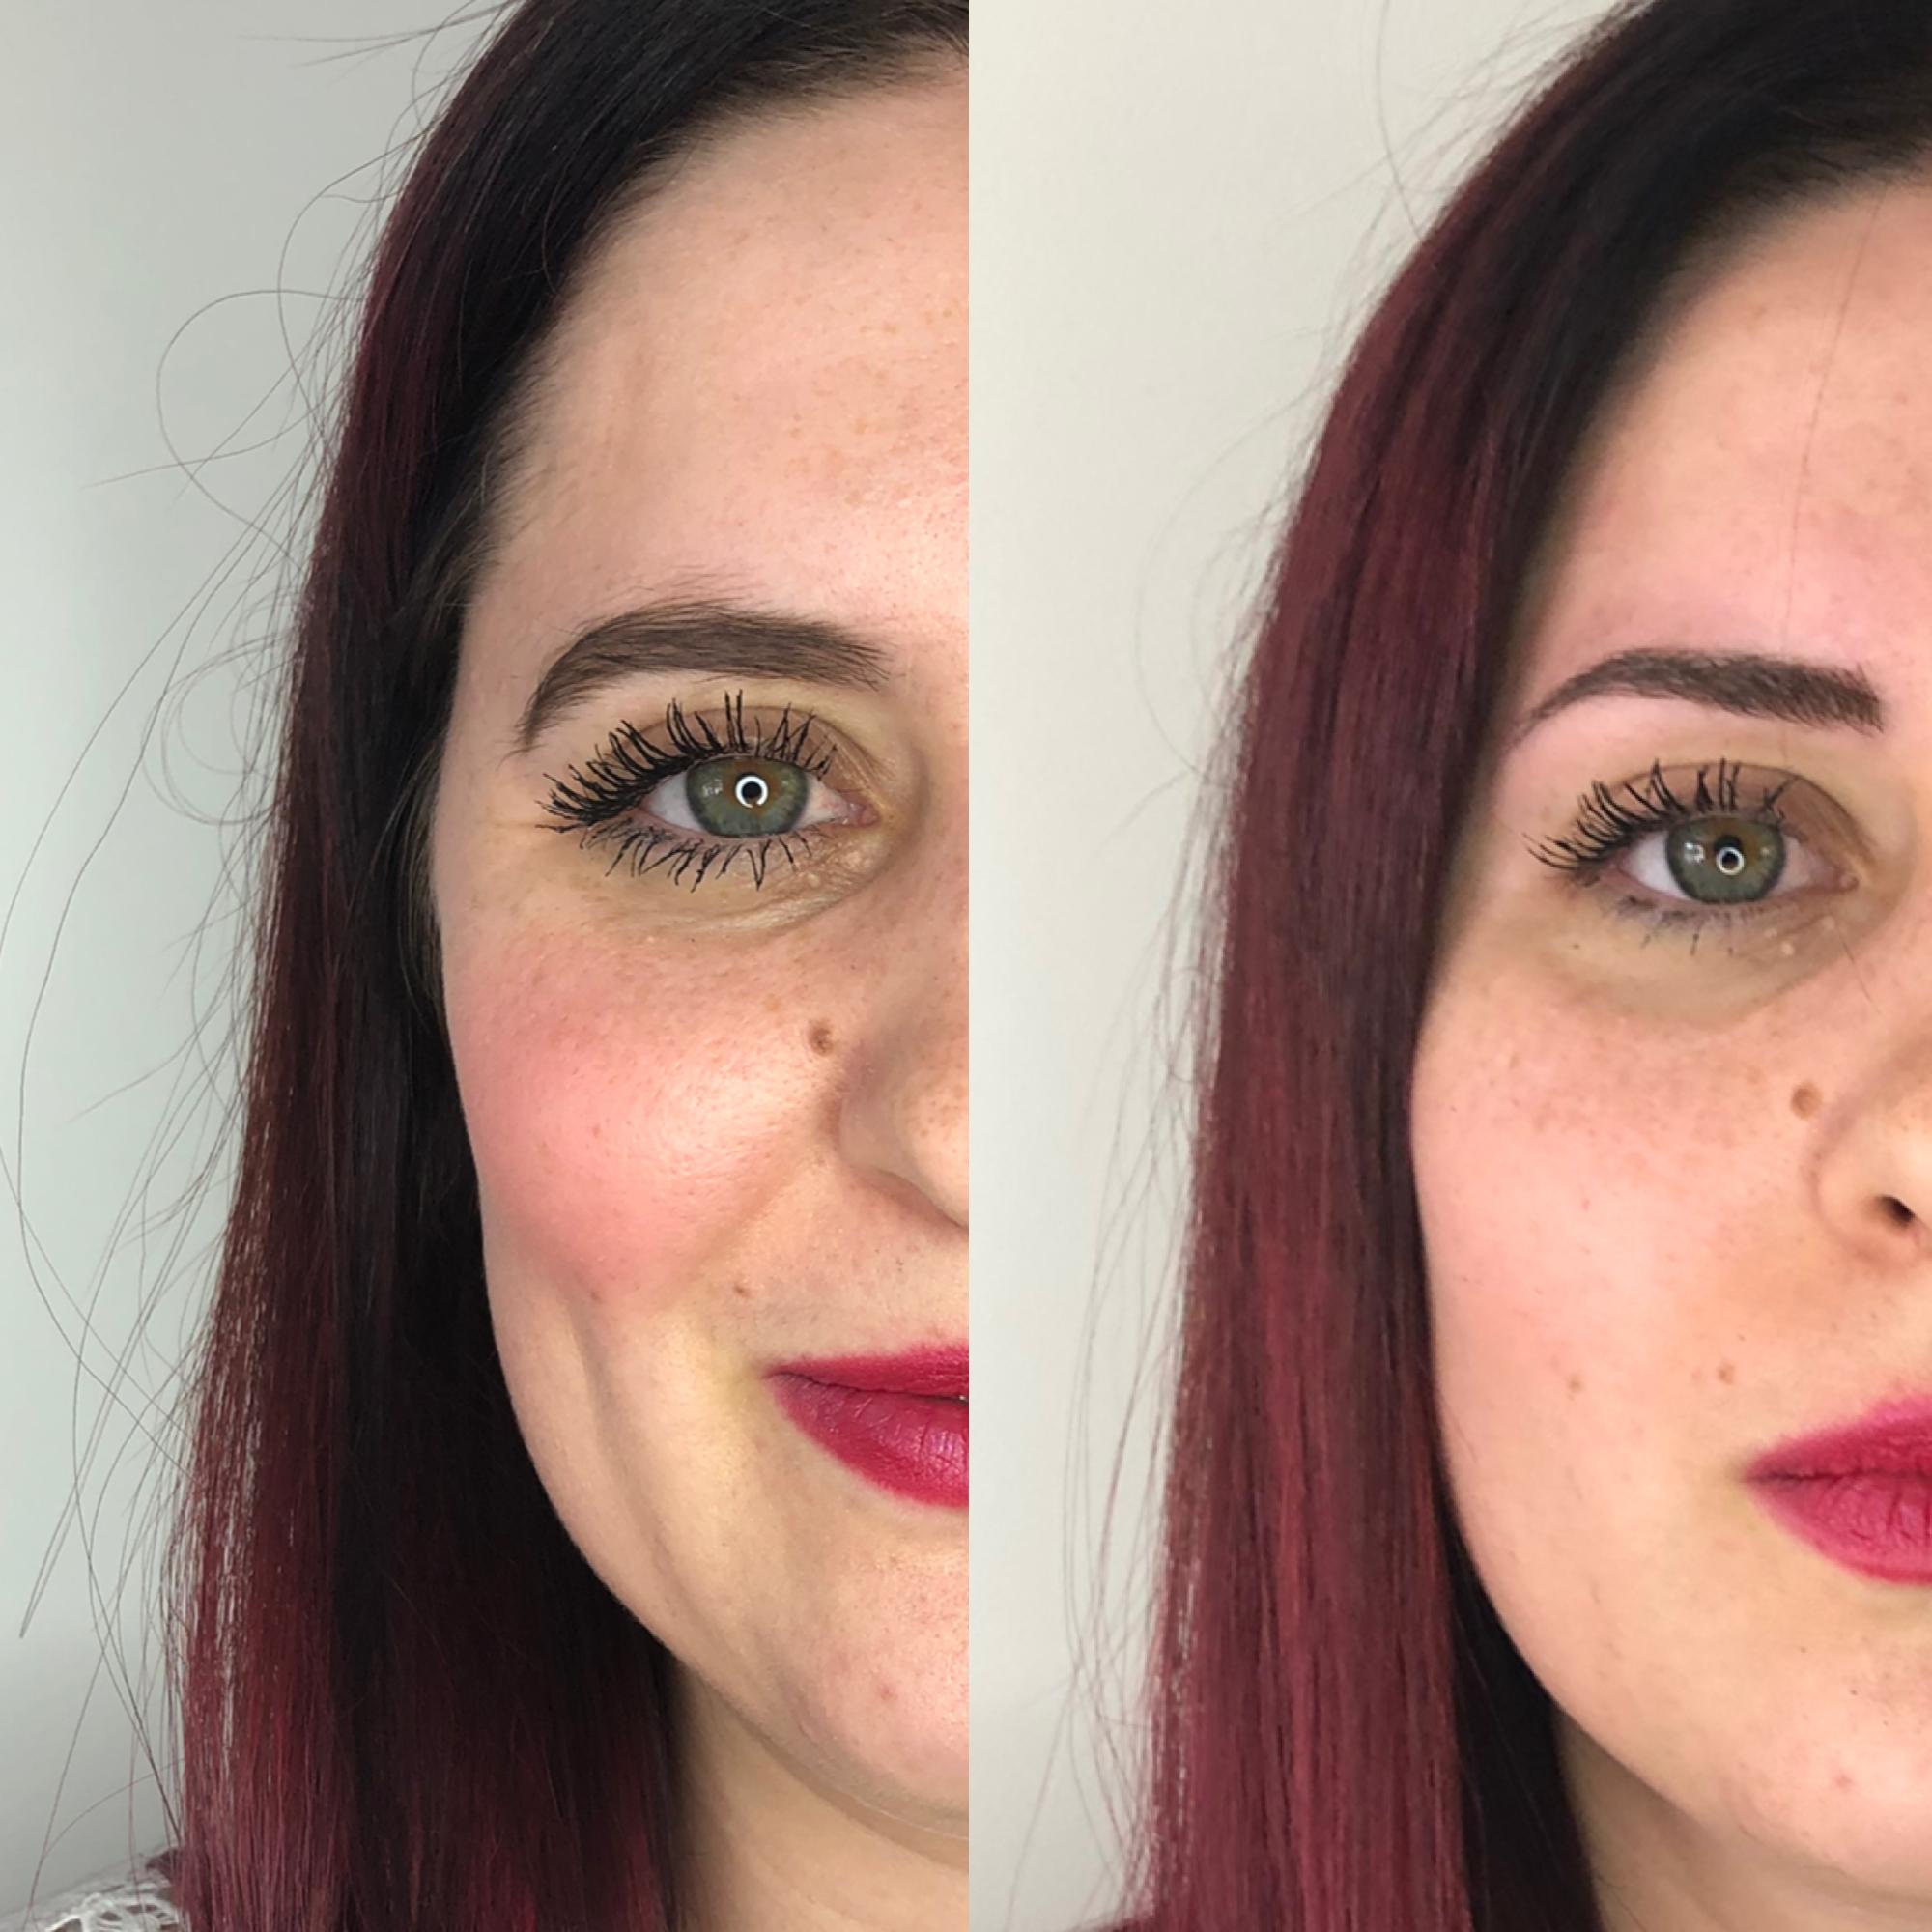 Avant et Après une séance de microblading chez Perle de Soie